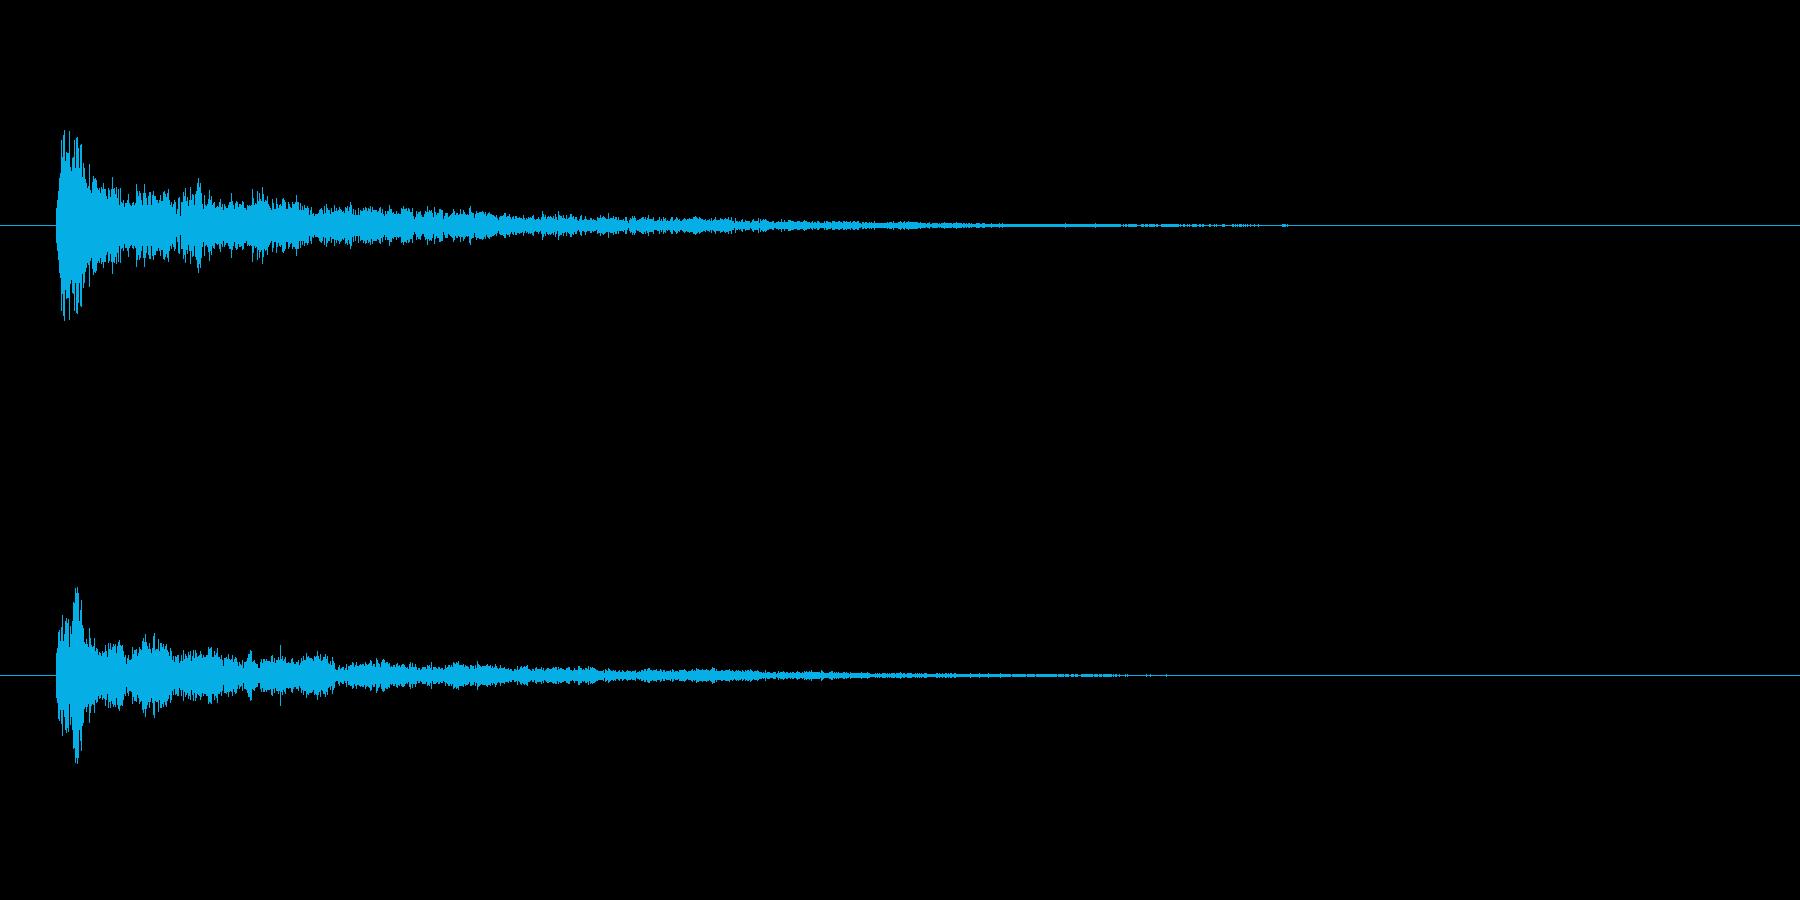 キーン(決定音)の再生済みの波形